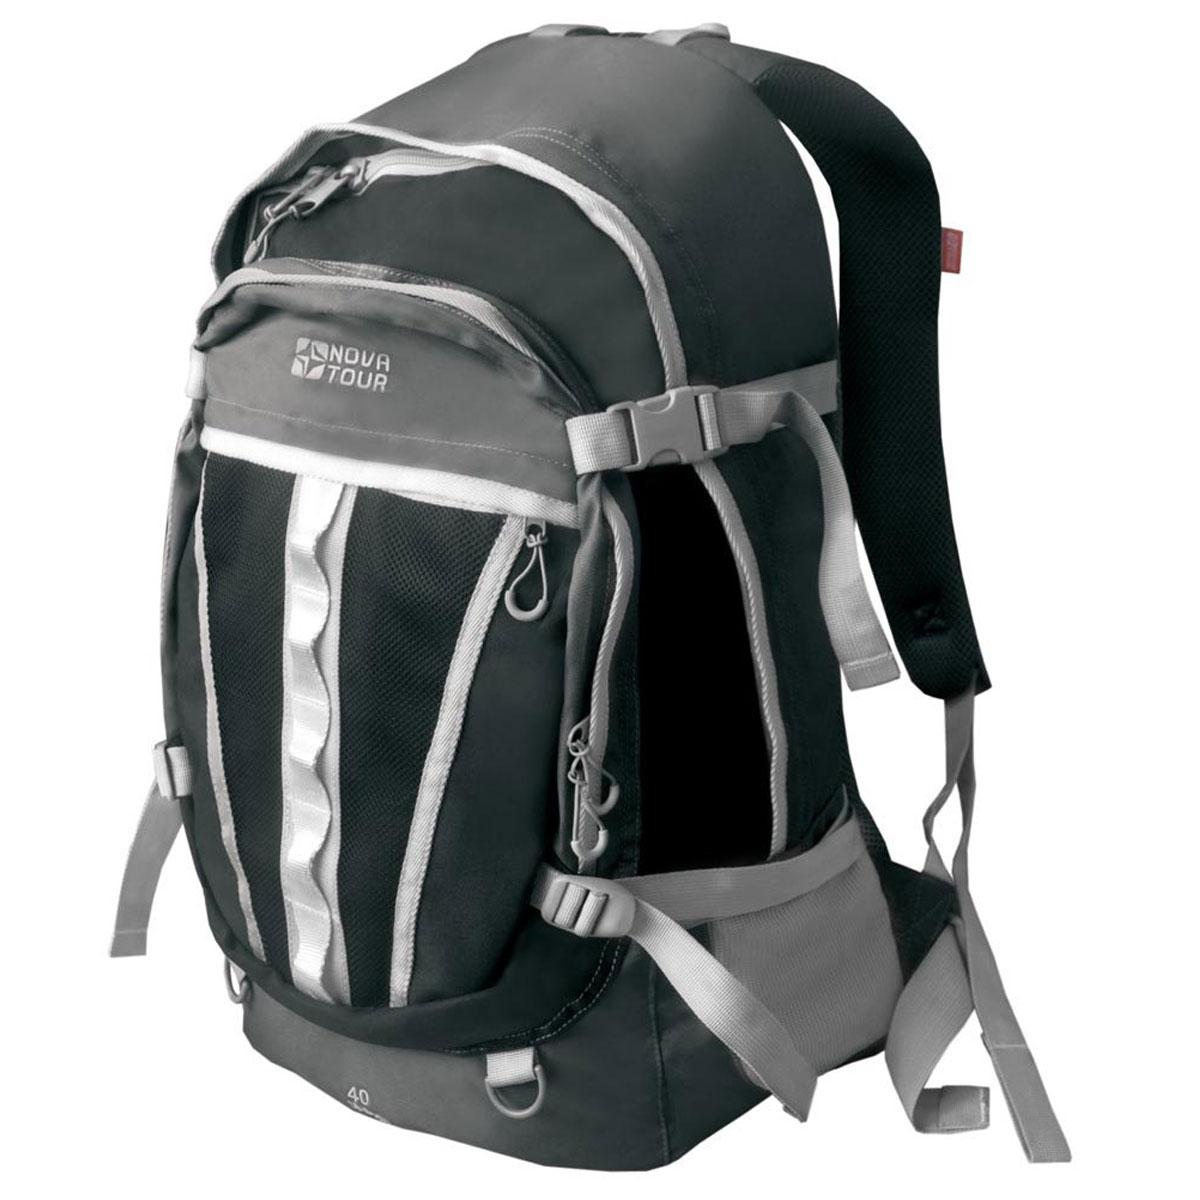 Рюкзак городской Nova Tour Слалом 40 V2, цвет: серый, черный. 13523-956-0013523-956-00Если все, что нужно ежедневно носить с собой, не помещается в обычный рюкзак, то Слалом 40 V2 специально для вас. Два вместительных отделения можно уменьшить боковыми стяжками или наоборот, если что-то не поместилось внутри, навесить снаружи на узлы крепления. Для удобства переноски тяжелого груза на спинке предусмотрена удобная система подушек Air Mesh с полностью отстегивающимся поясным ремнем. Особенности: Прочная ткань с непромокаемой пропиткой. Сетчатый материал, отводящий влагу от вашего тела. Применяется на лямках, спинках и поясе рюкзака. Грудная стяжка для правильной фиксации лямок рюкзака и предотвращения их соскальзывания. Органайзер позволяет рационально разместить мелкие вещи внутри рюкзака. Объем: 40 л.